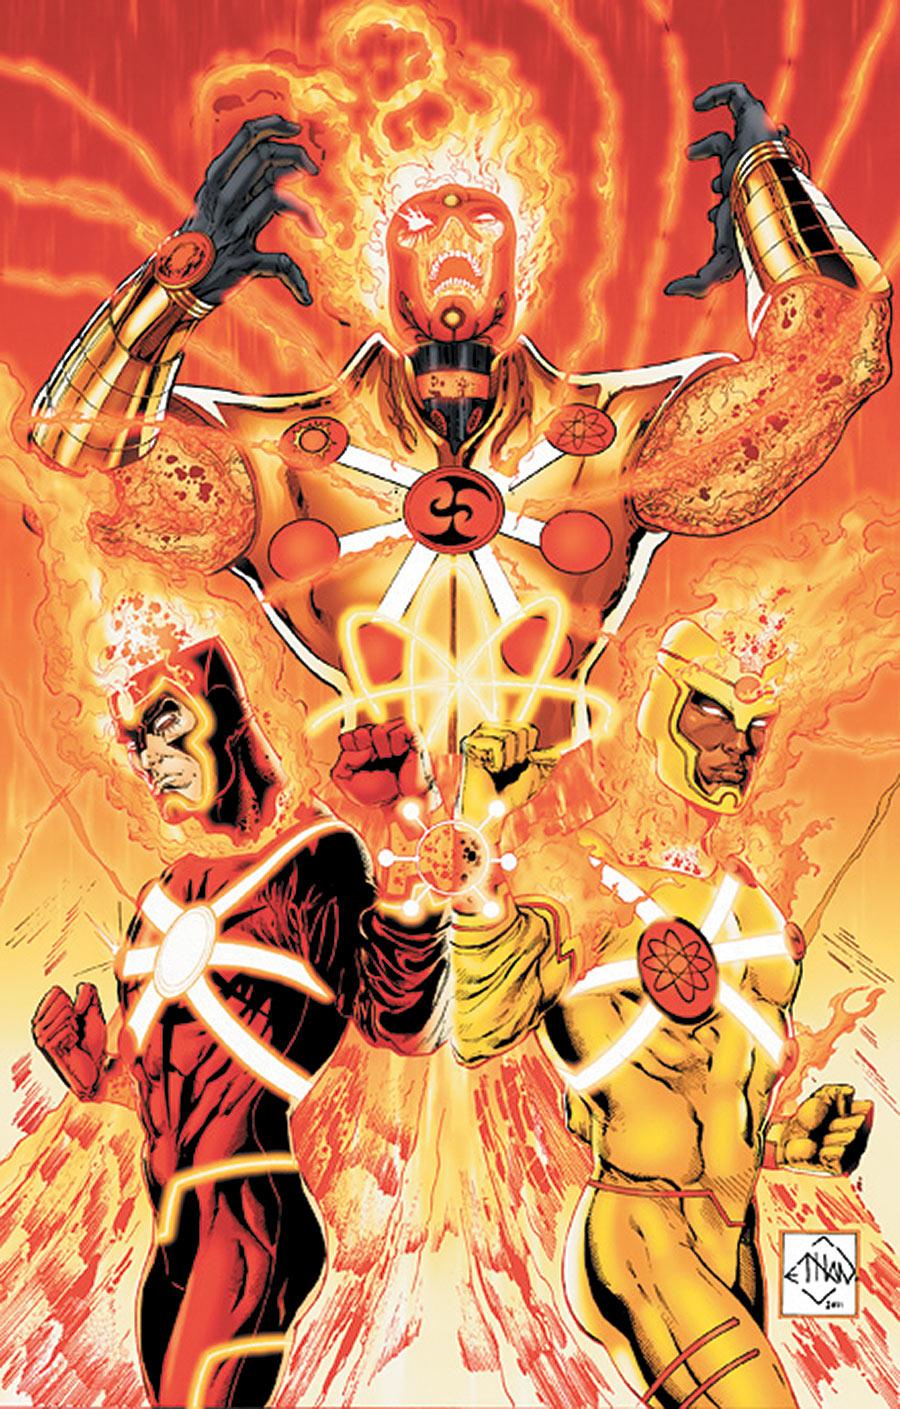 Firestorm Vol. 1